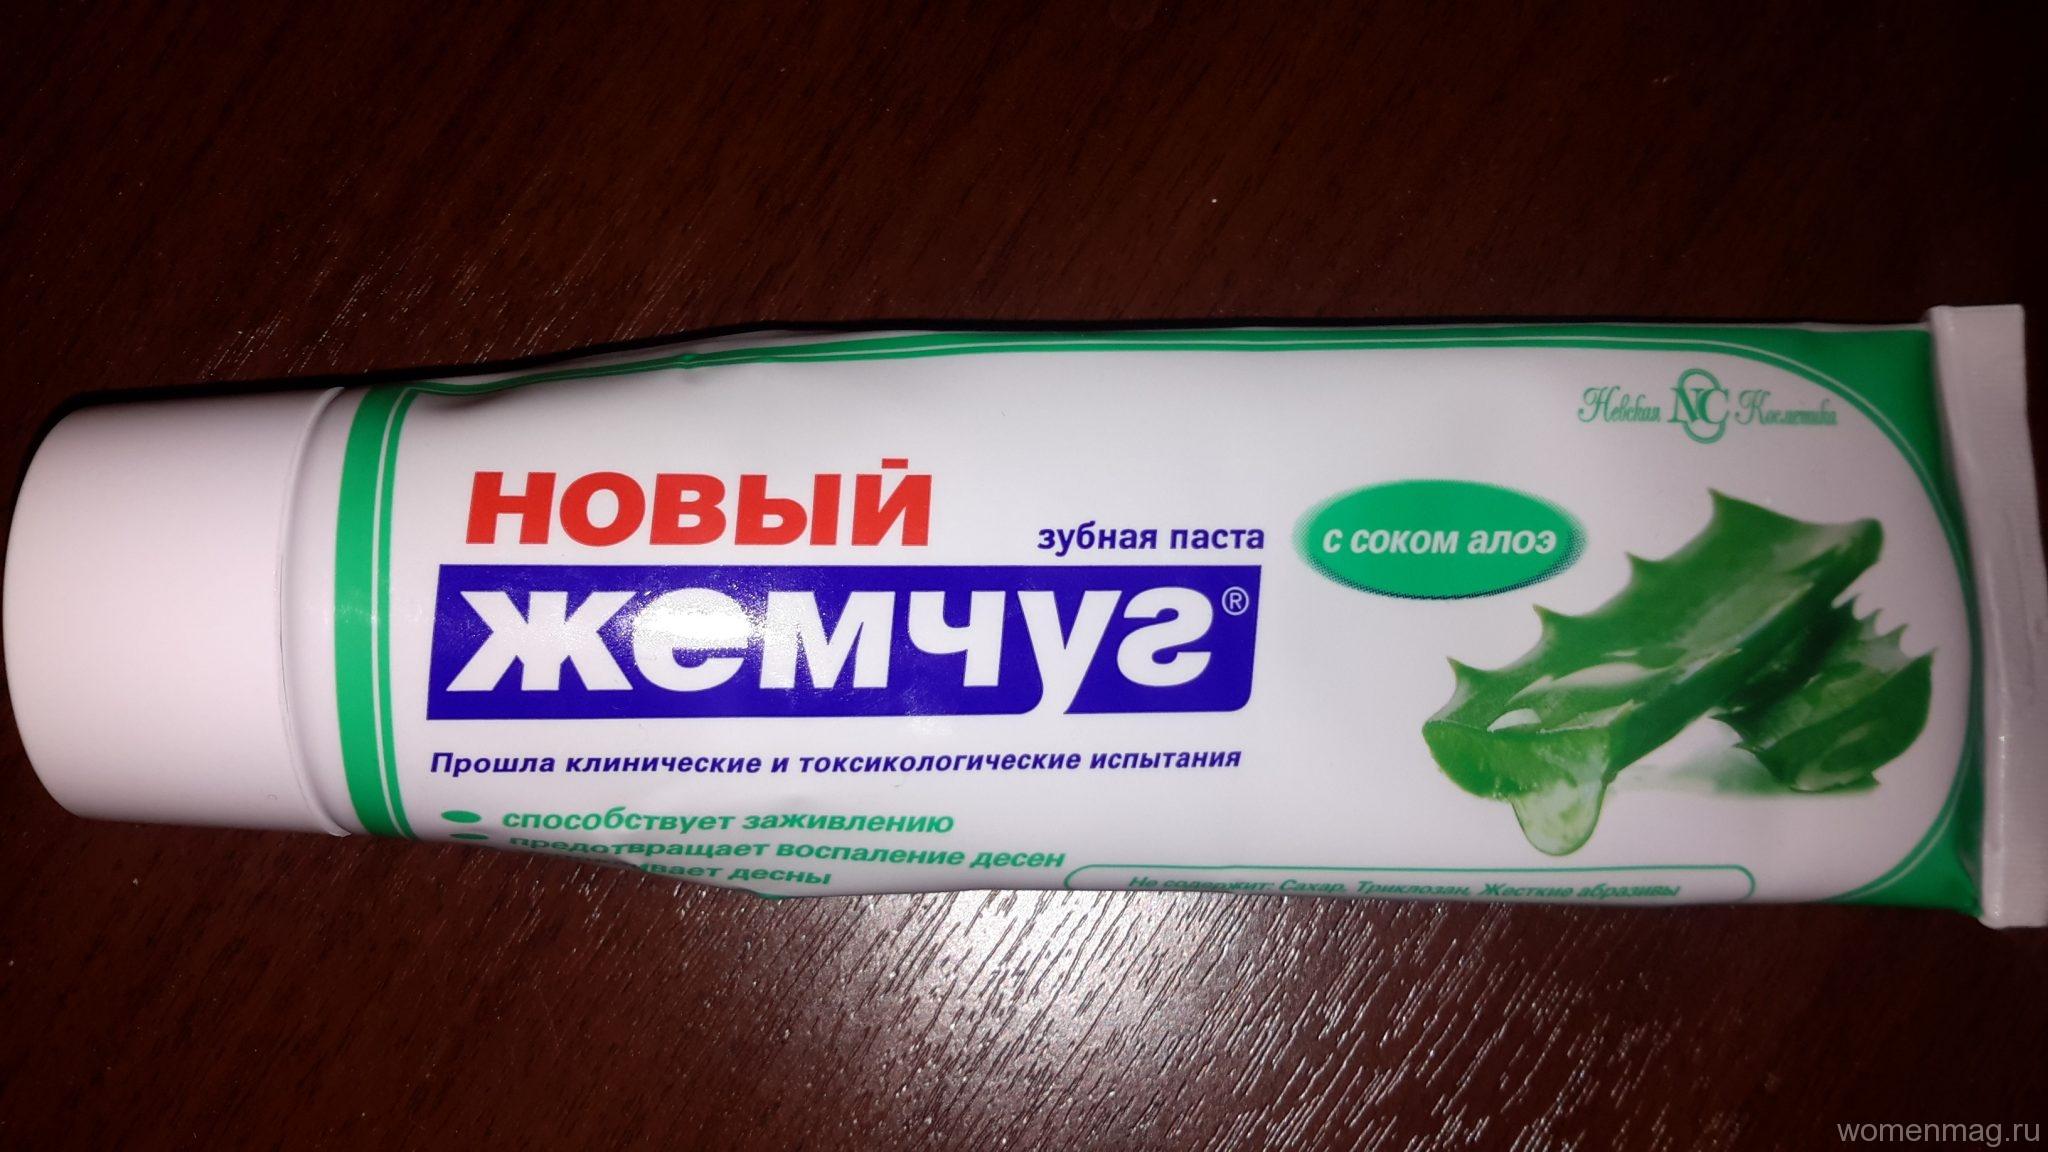 Отзыв о зубной пасте с соком алоэ «Новый жемчуг»